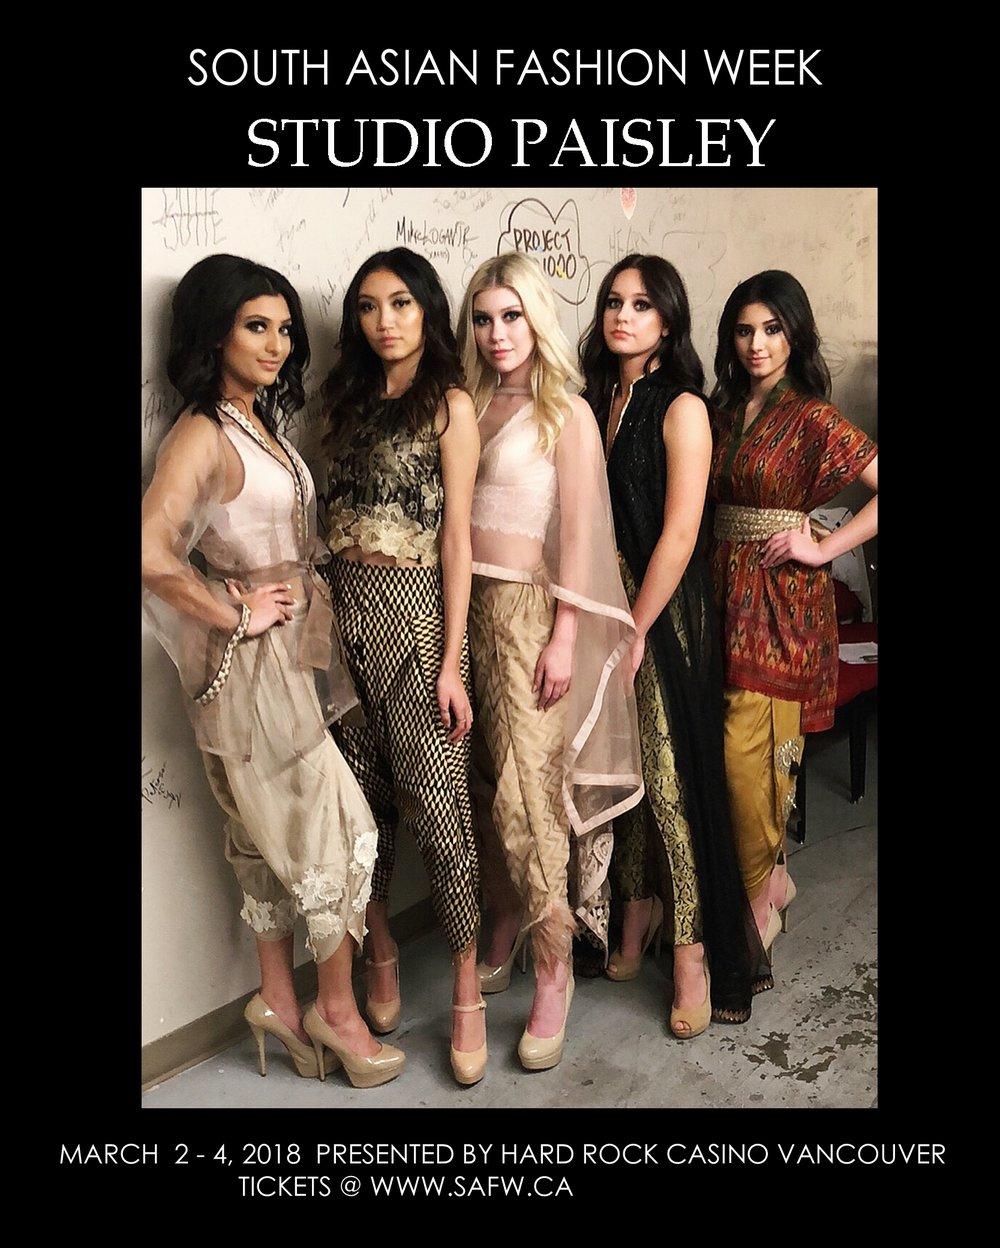 Studio Paisley